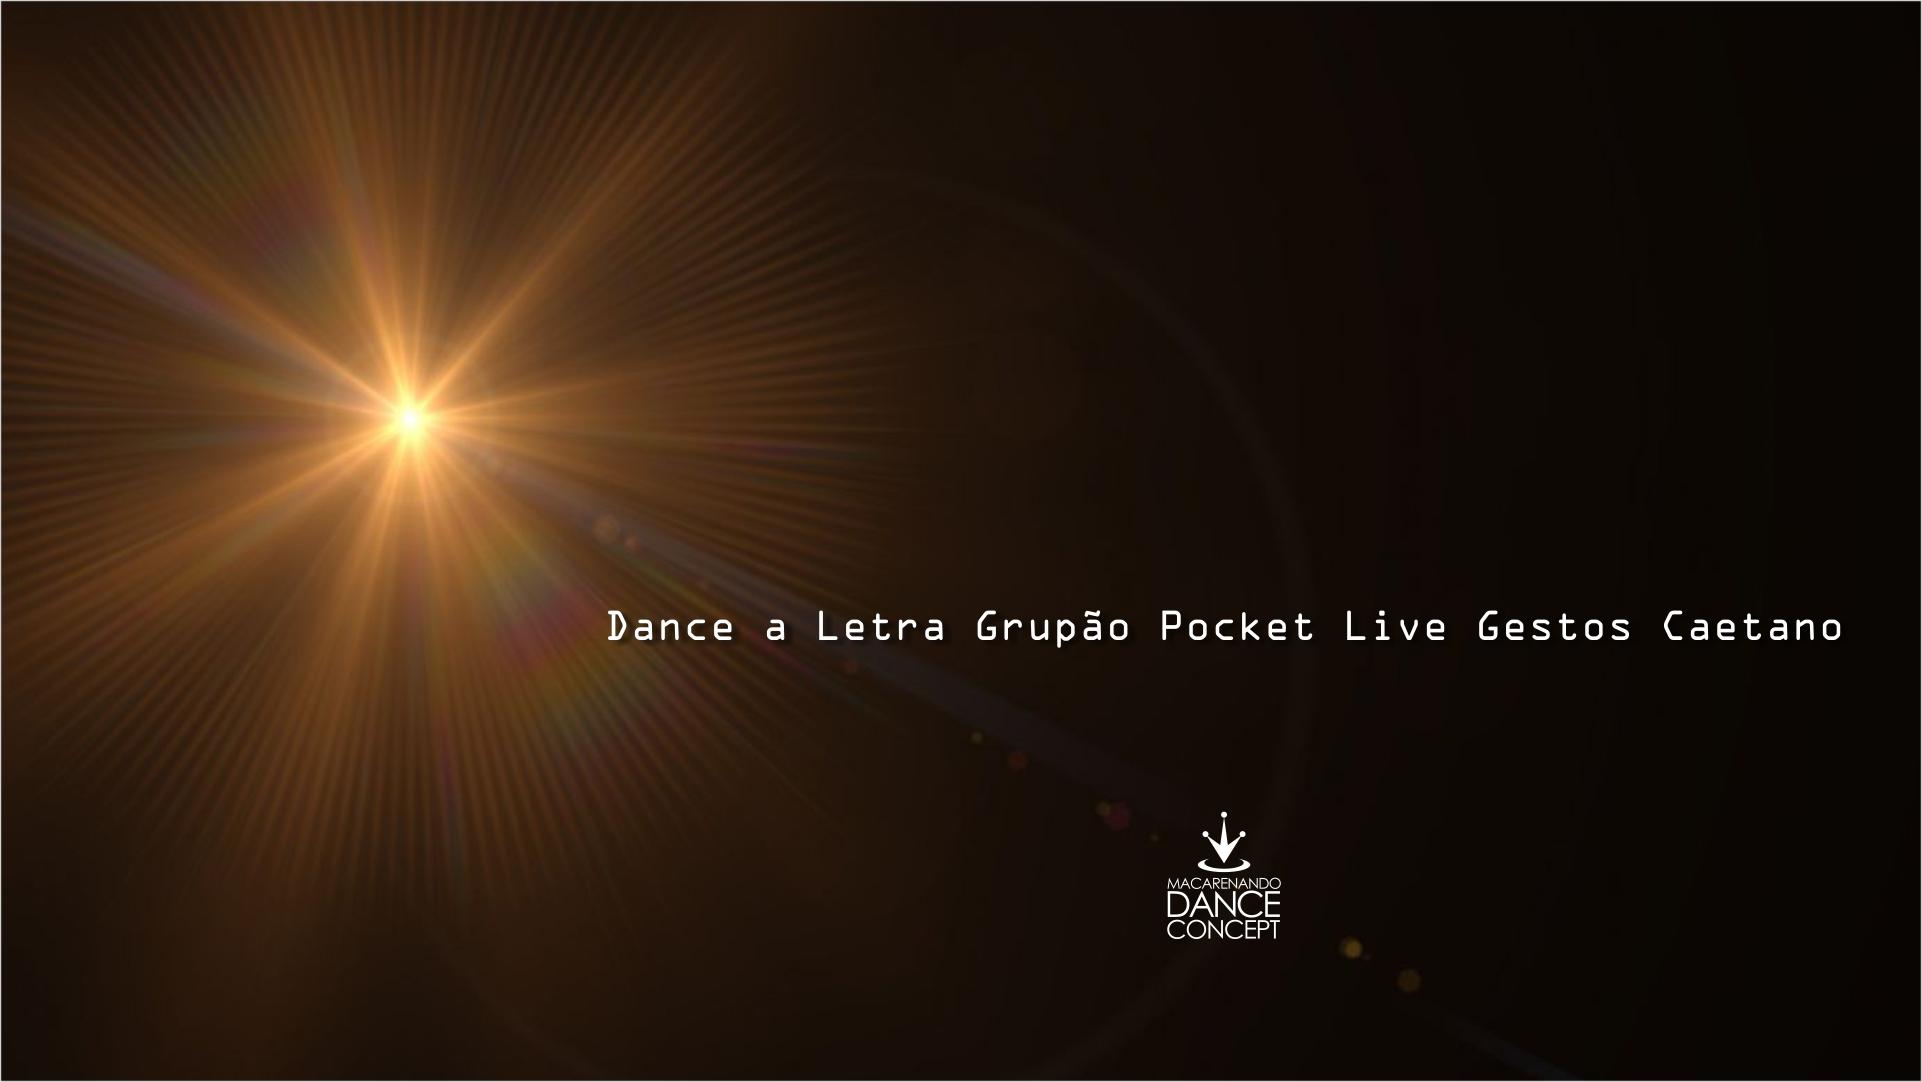 Dance a Letra Grupão Pocket Live Gestos Caetano 2